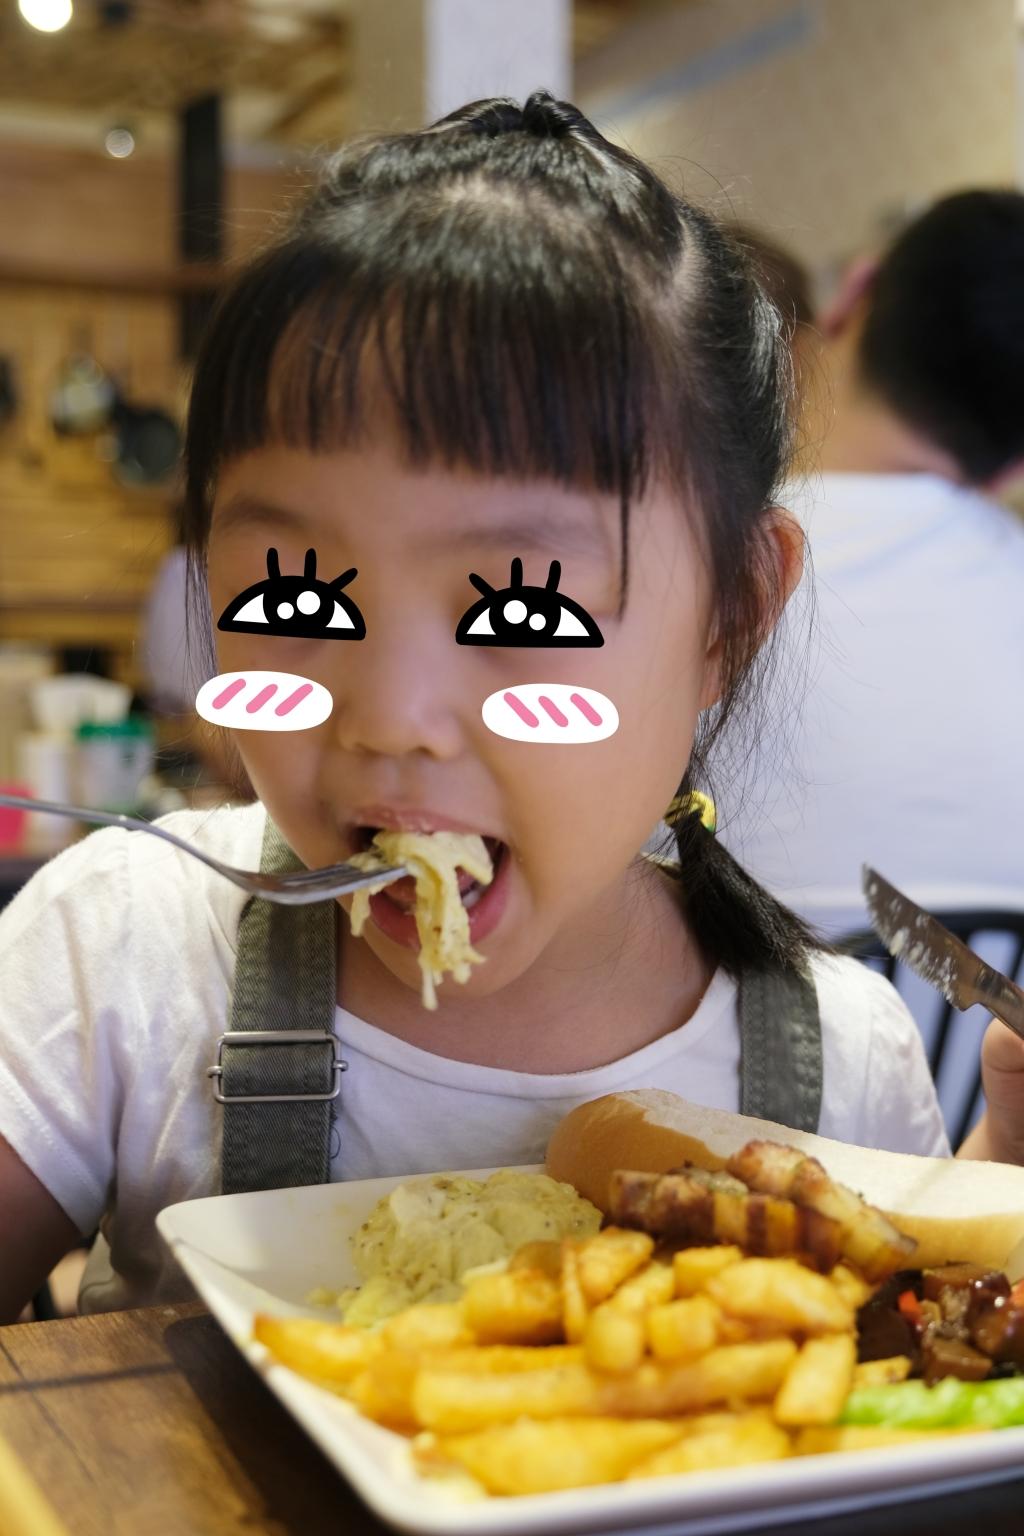 【彰化鹿港】 鹿港巴特早午餐:超大份量的早午餐,假日客人總是滿滿滿 @飛天璇的口袋